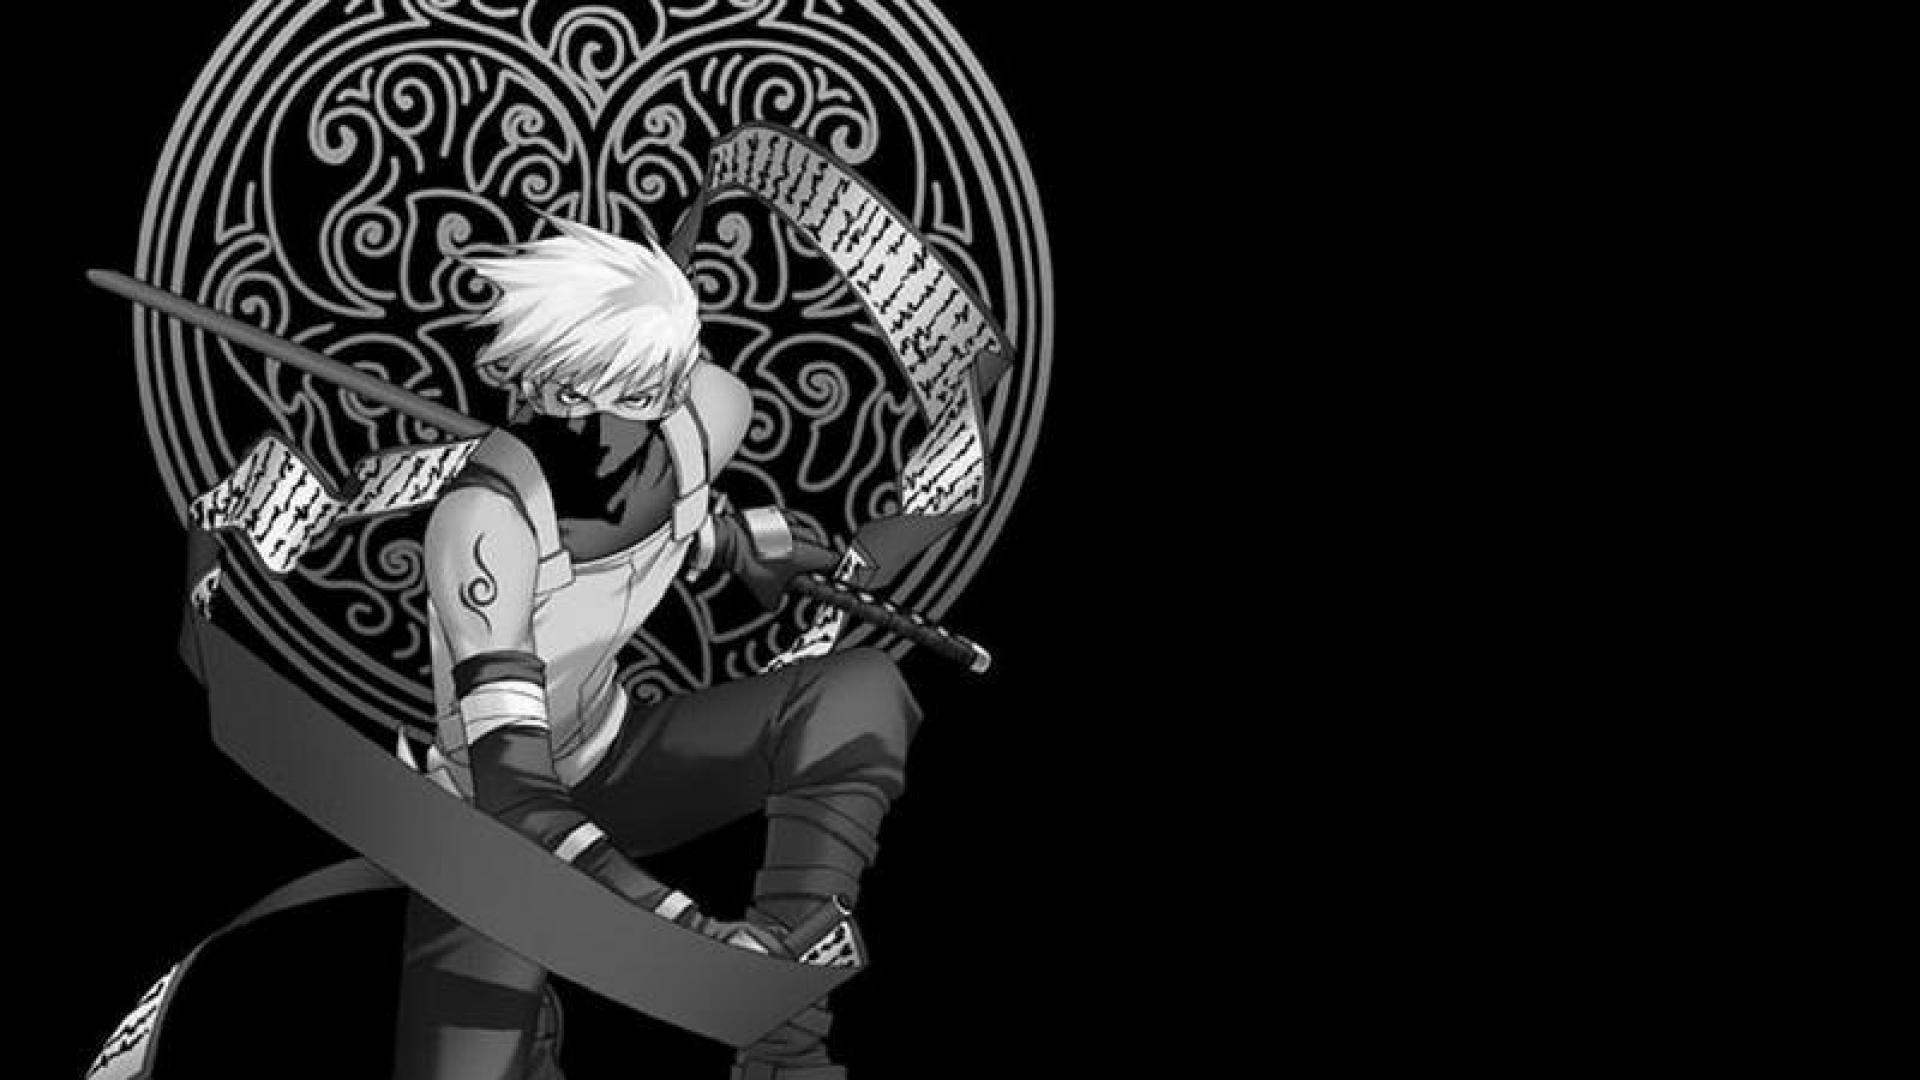 Naruto Anbu Wallpaper 57 images